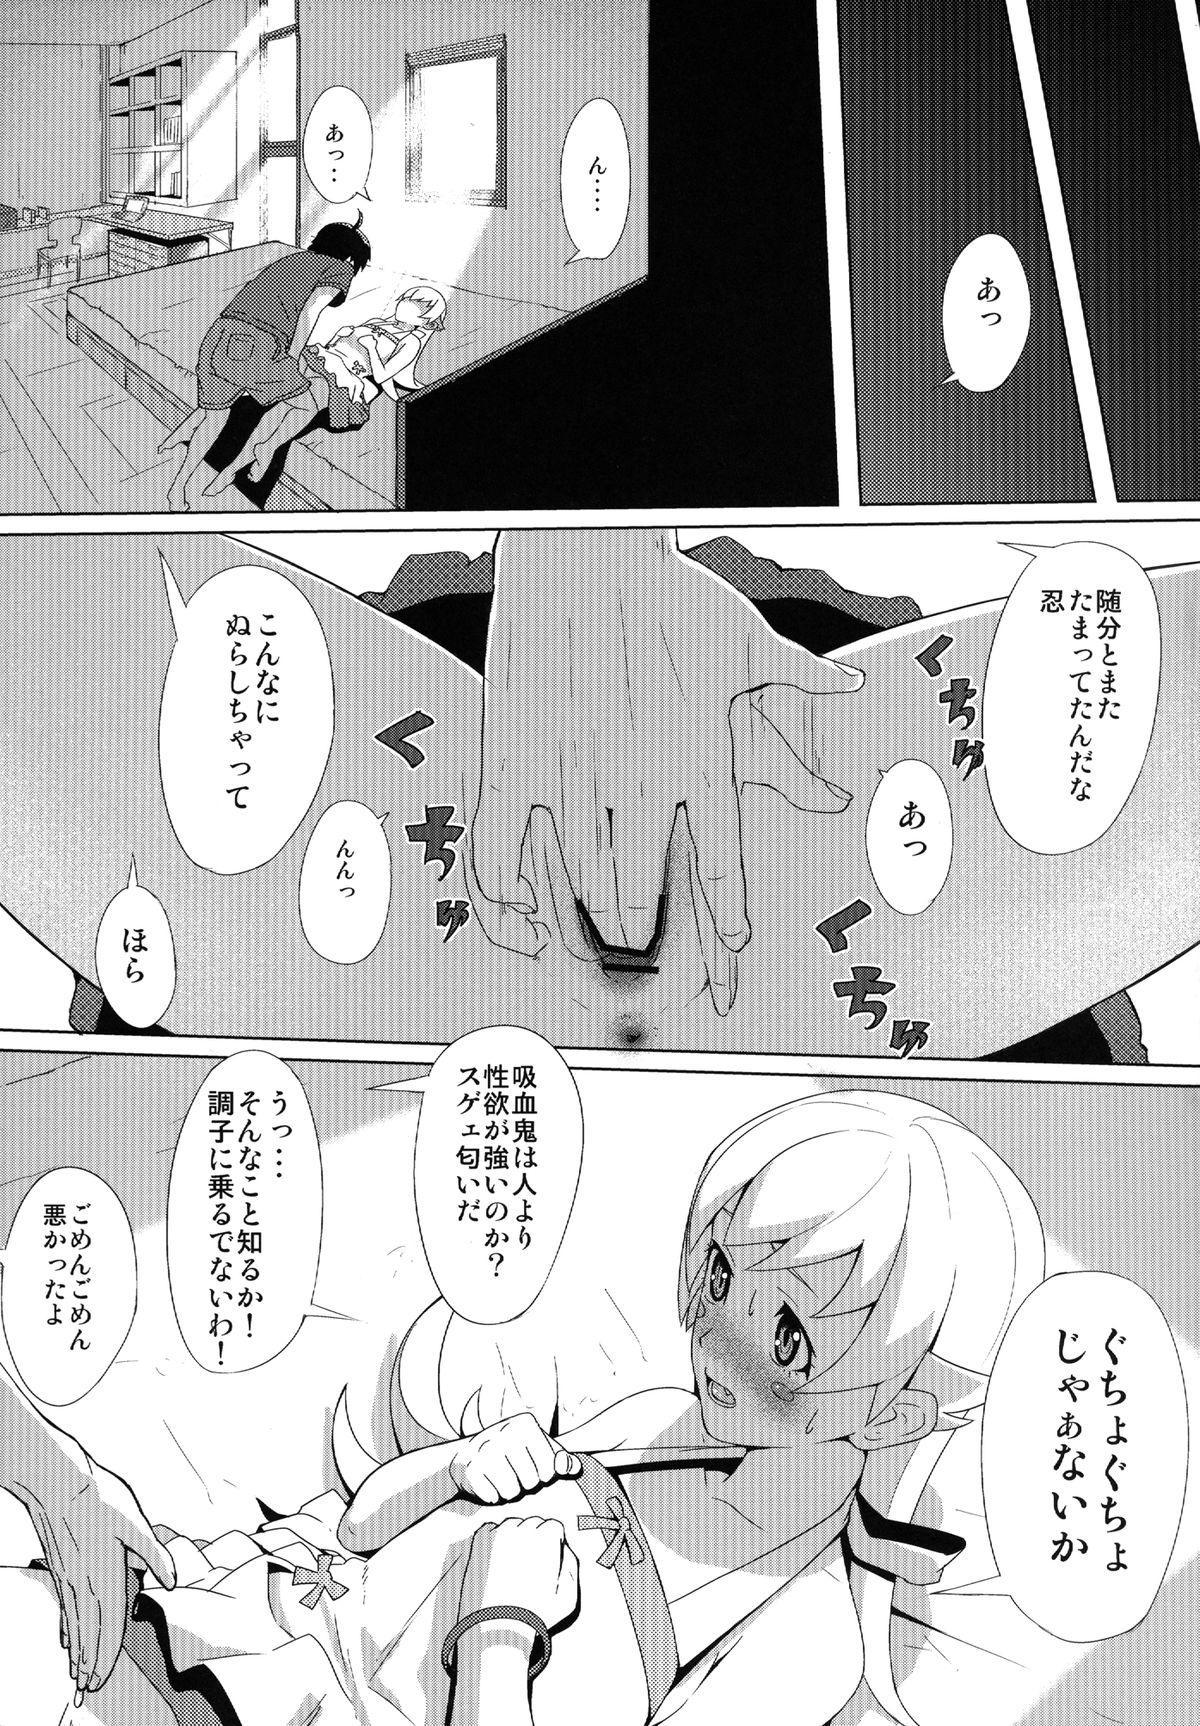 SHINOBUFISHING 4